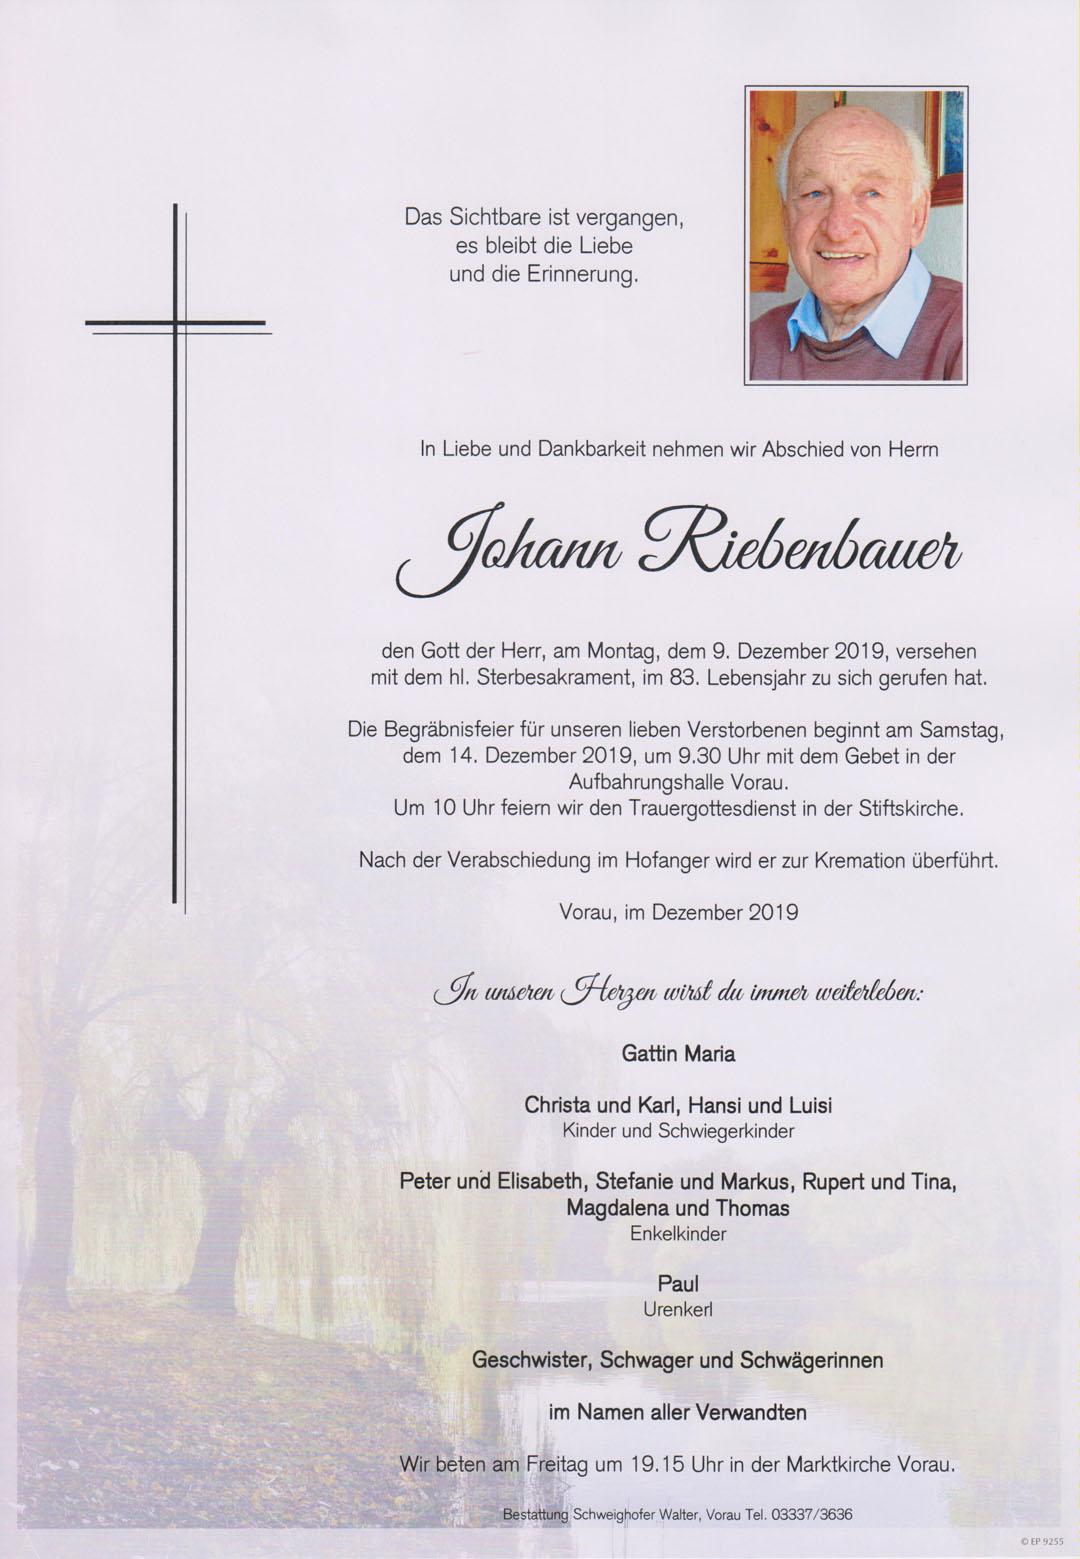 Johann Riebenbauer